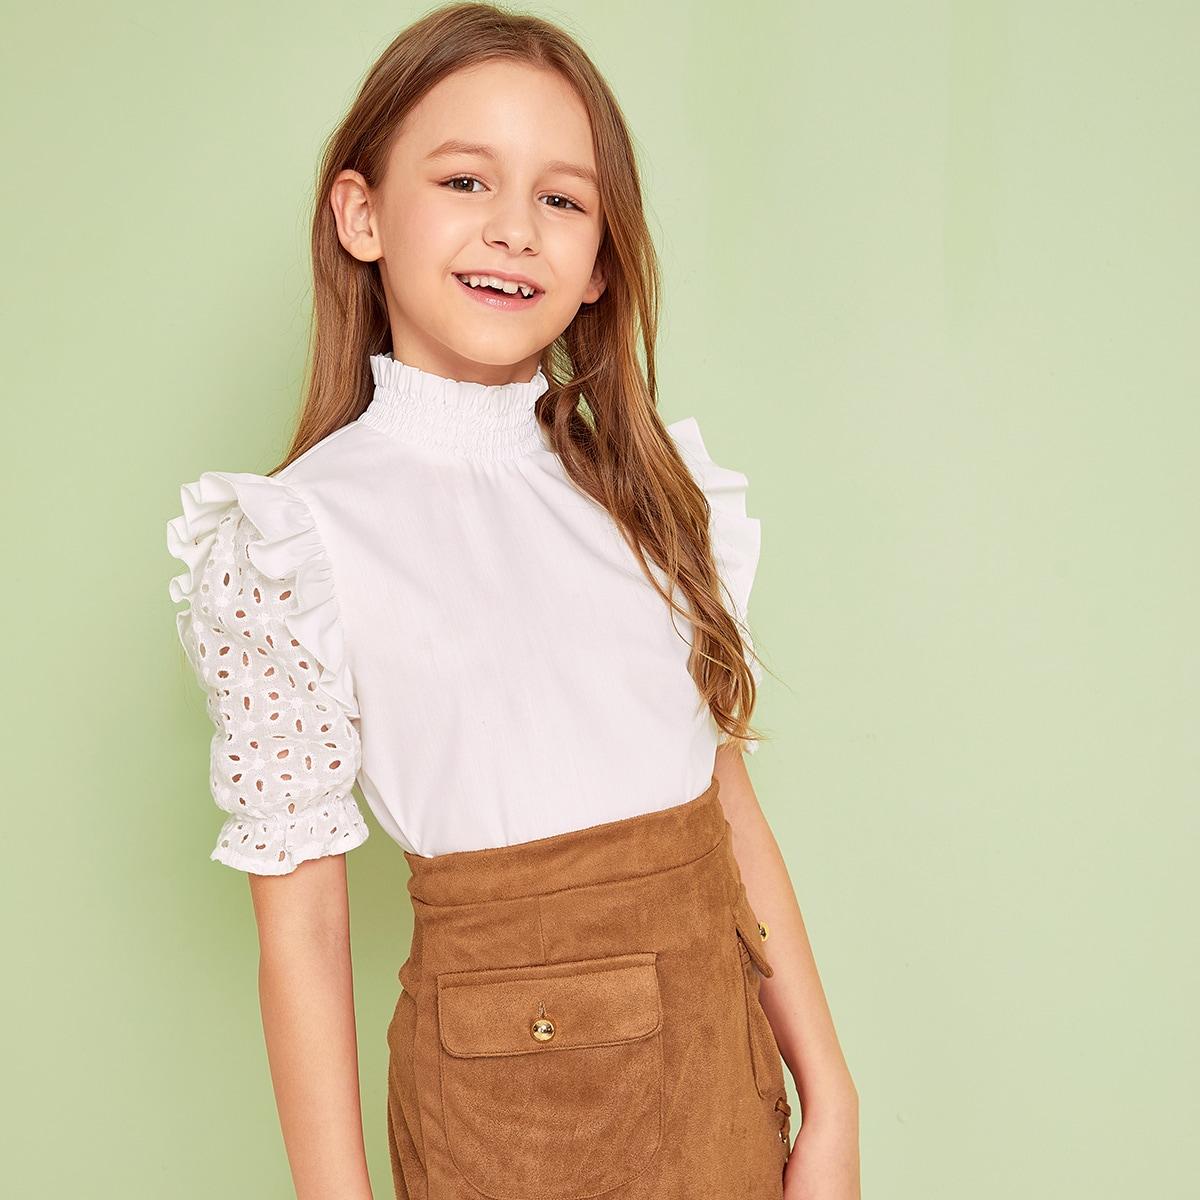 Блуза С Рукавом Из Кружевного Шитья, Оборкой И Воротником-Стойка Для Девочек от SHEIN